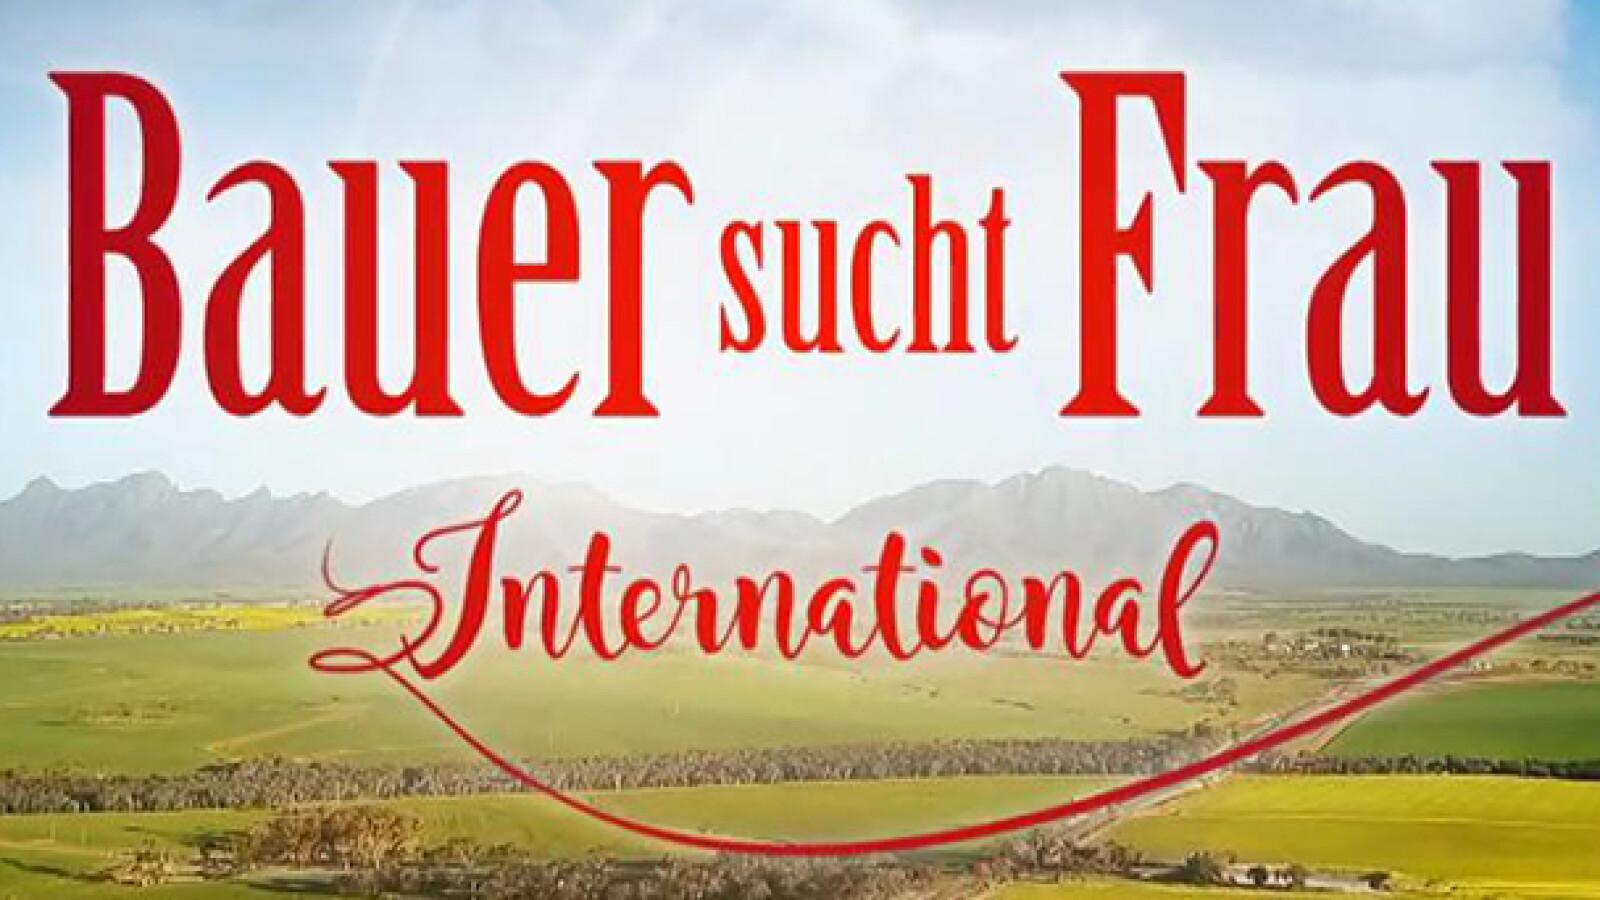 Rtl Plant Bauer Sucht Frau International 10